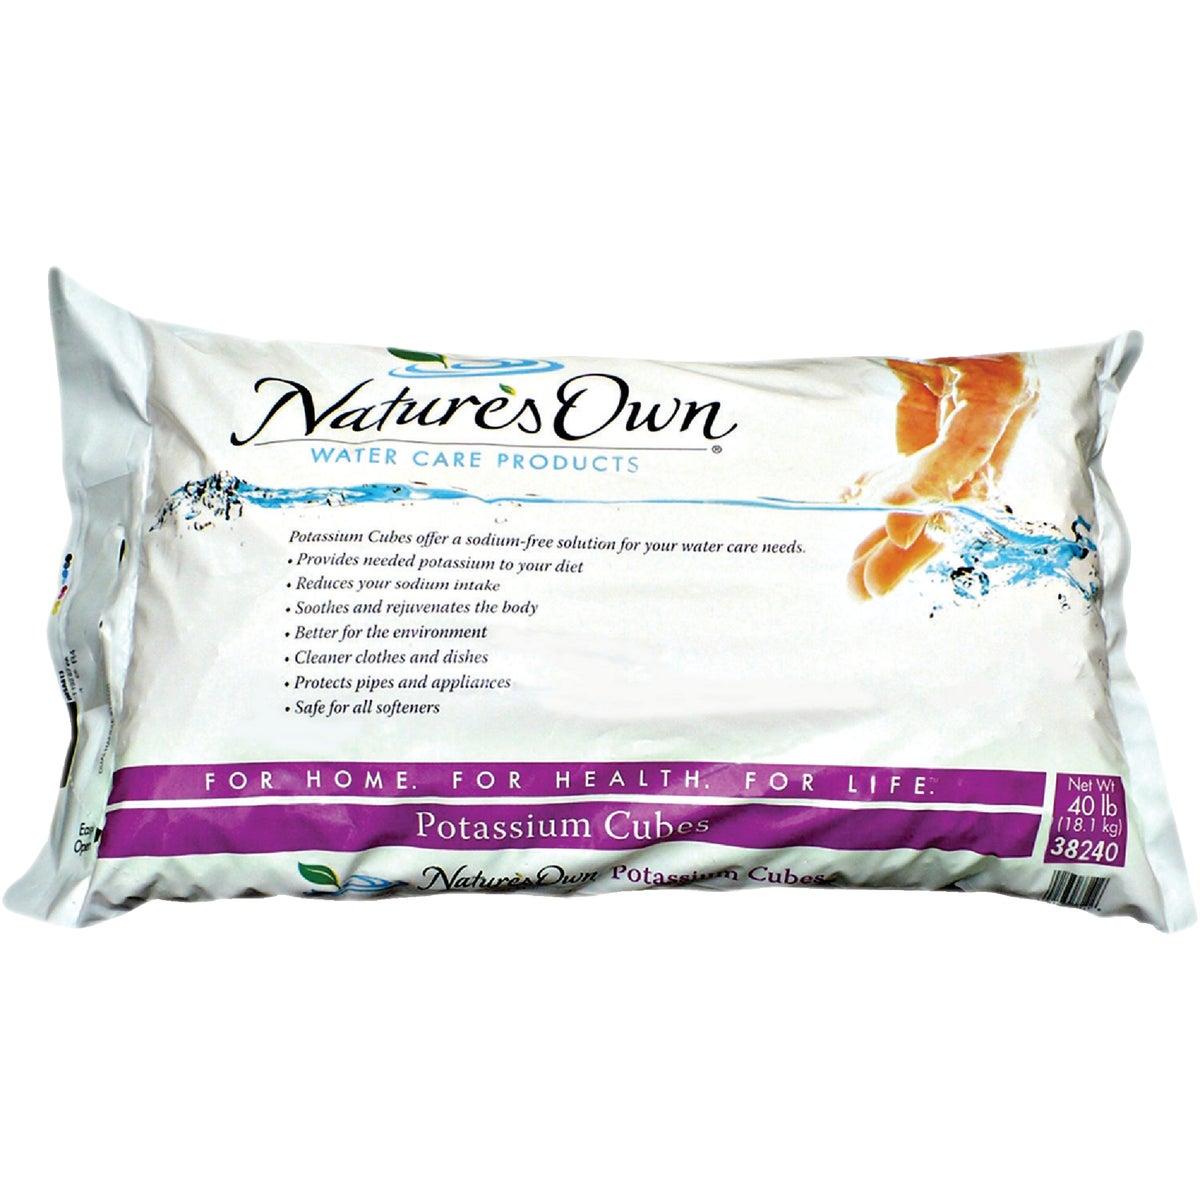 North American Salt 40LB POTASSIUM SOFTENER 38240